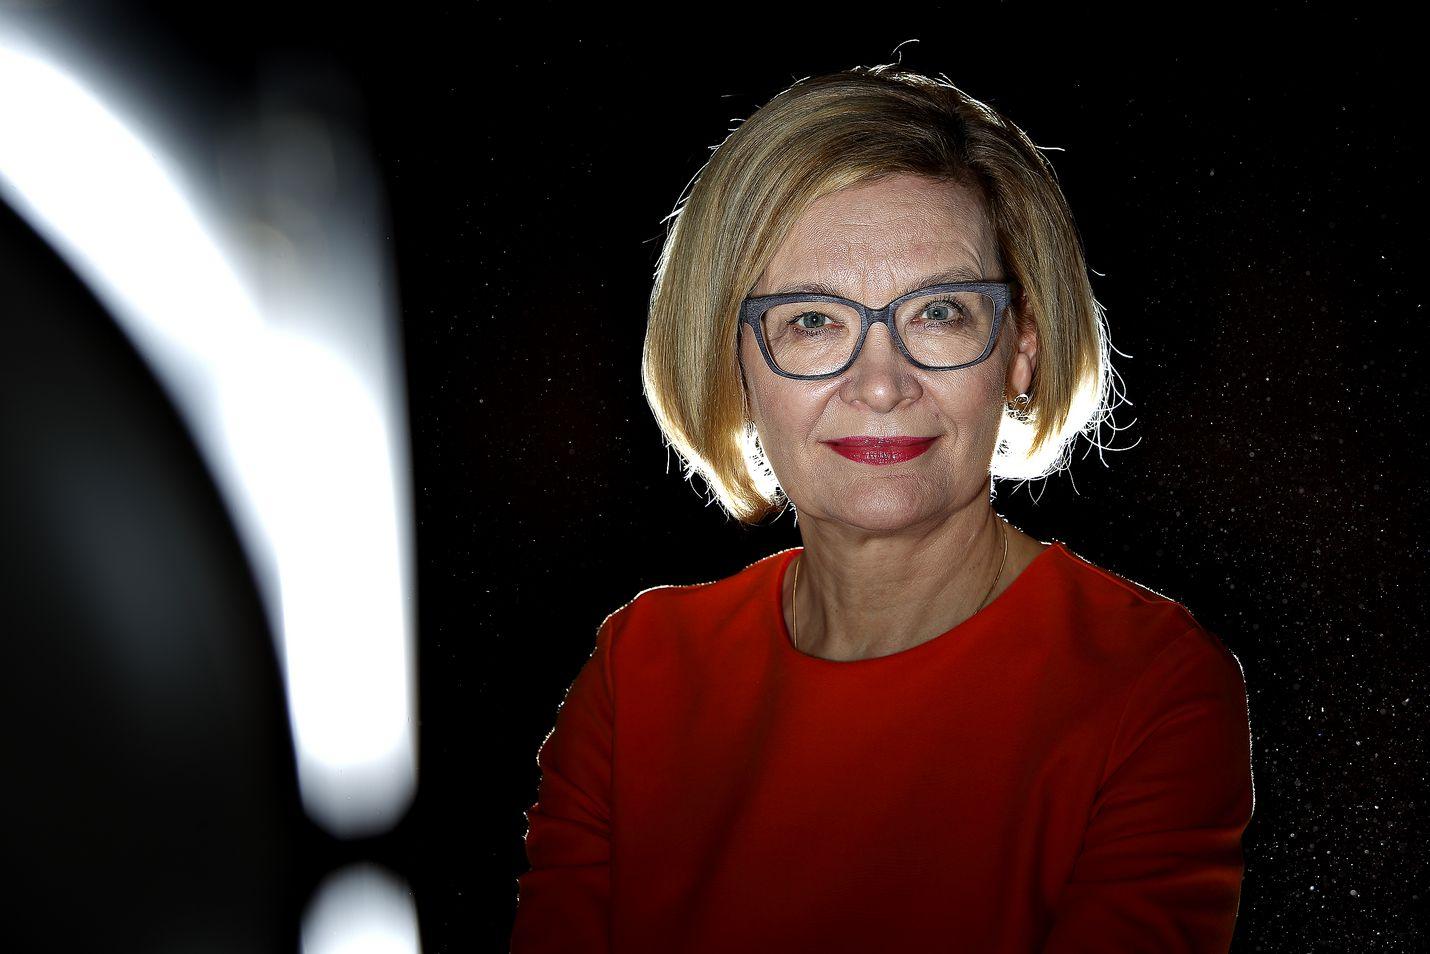 Kokoomuksen kansanedustaja ja moninkertainen ministeri Paula Risikko toimi sisäministerinä 2016-2018. Ajanjaksoon osuvat muun muassa Turun terrori-isku 2017 ja tiedustelulakien valmistelu.